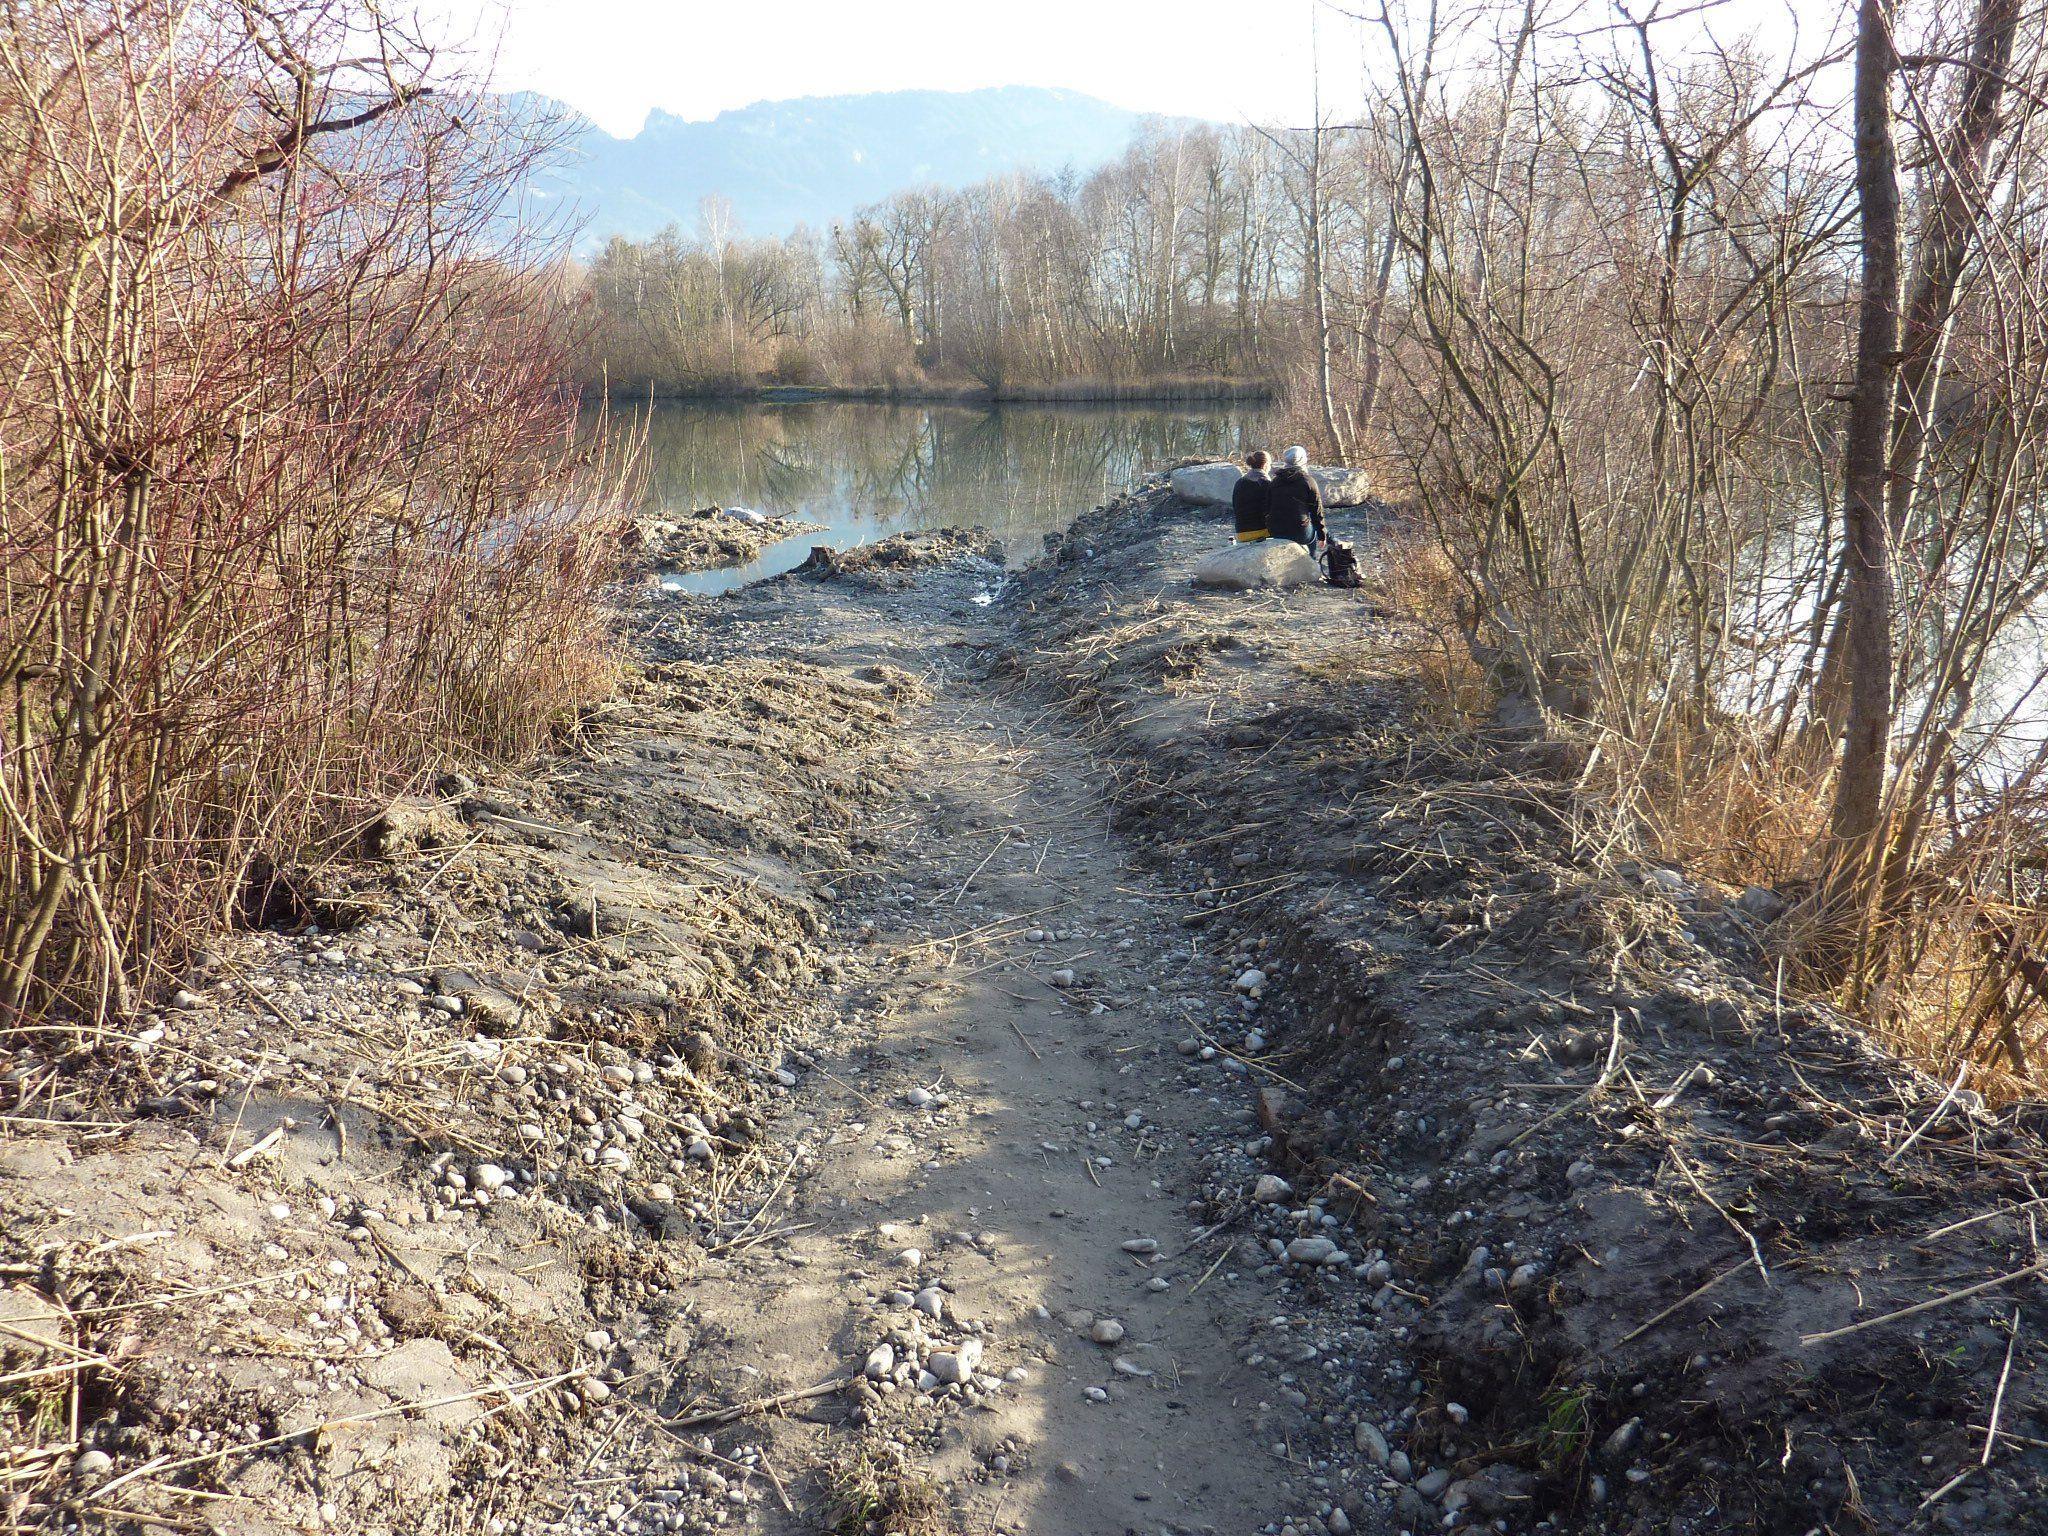 Die Uferstrukturen bei der eingetieften Furt werden sich im Frühjahr rasch begrünen.